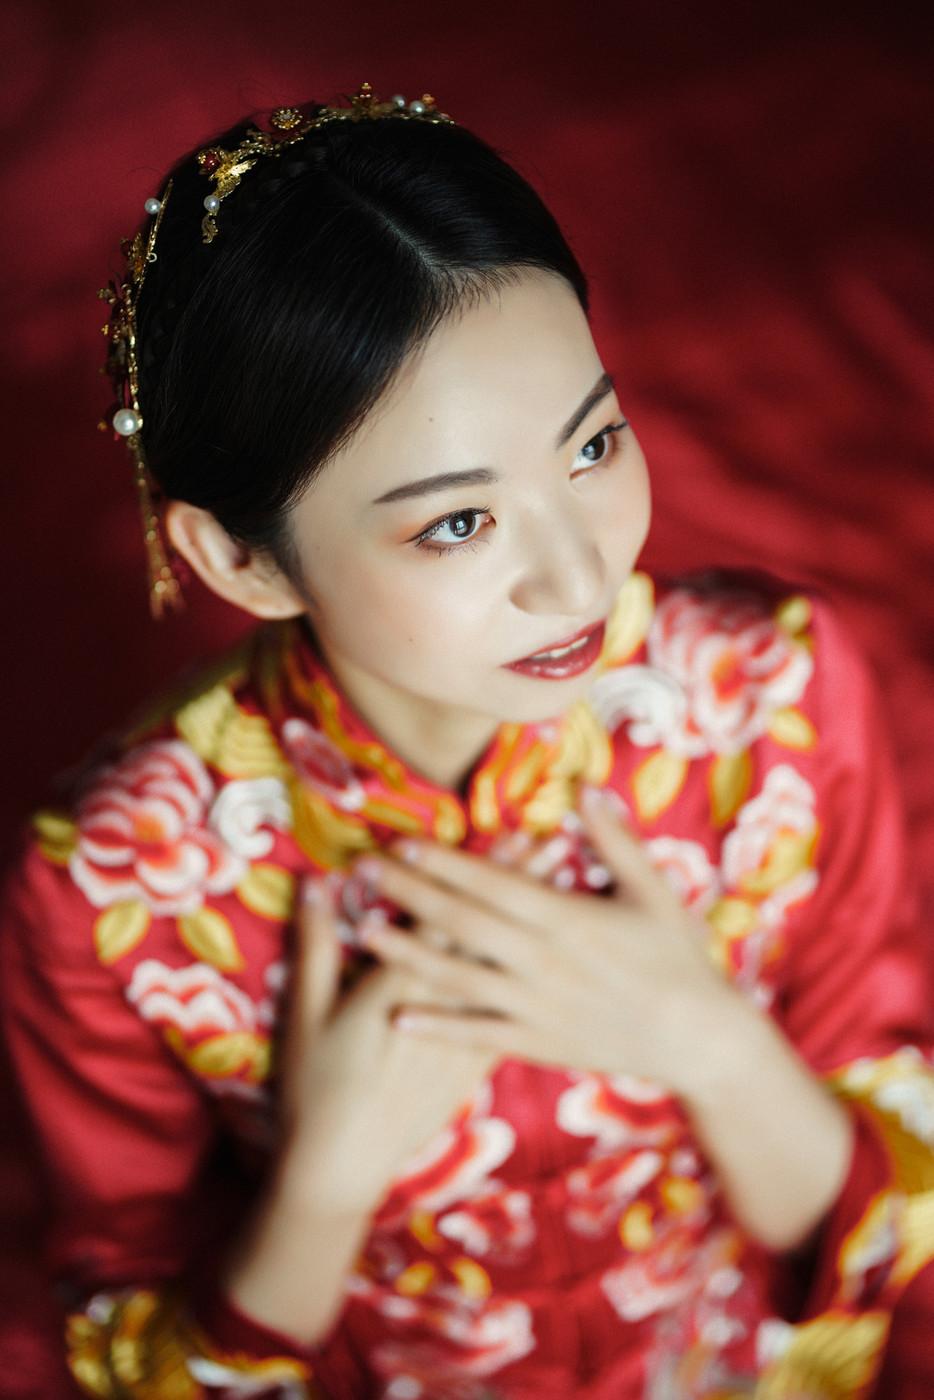 【KAI 婚礼纪实】P&S 南京婚礼3